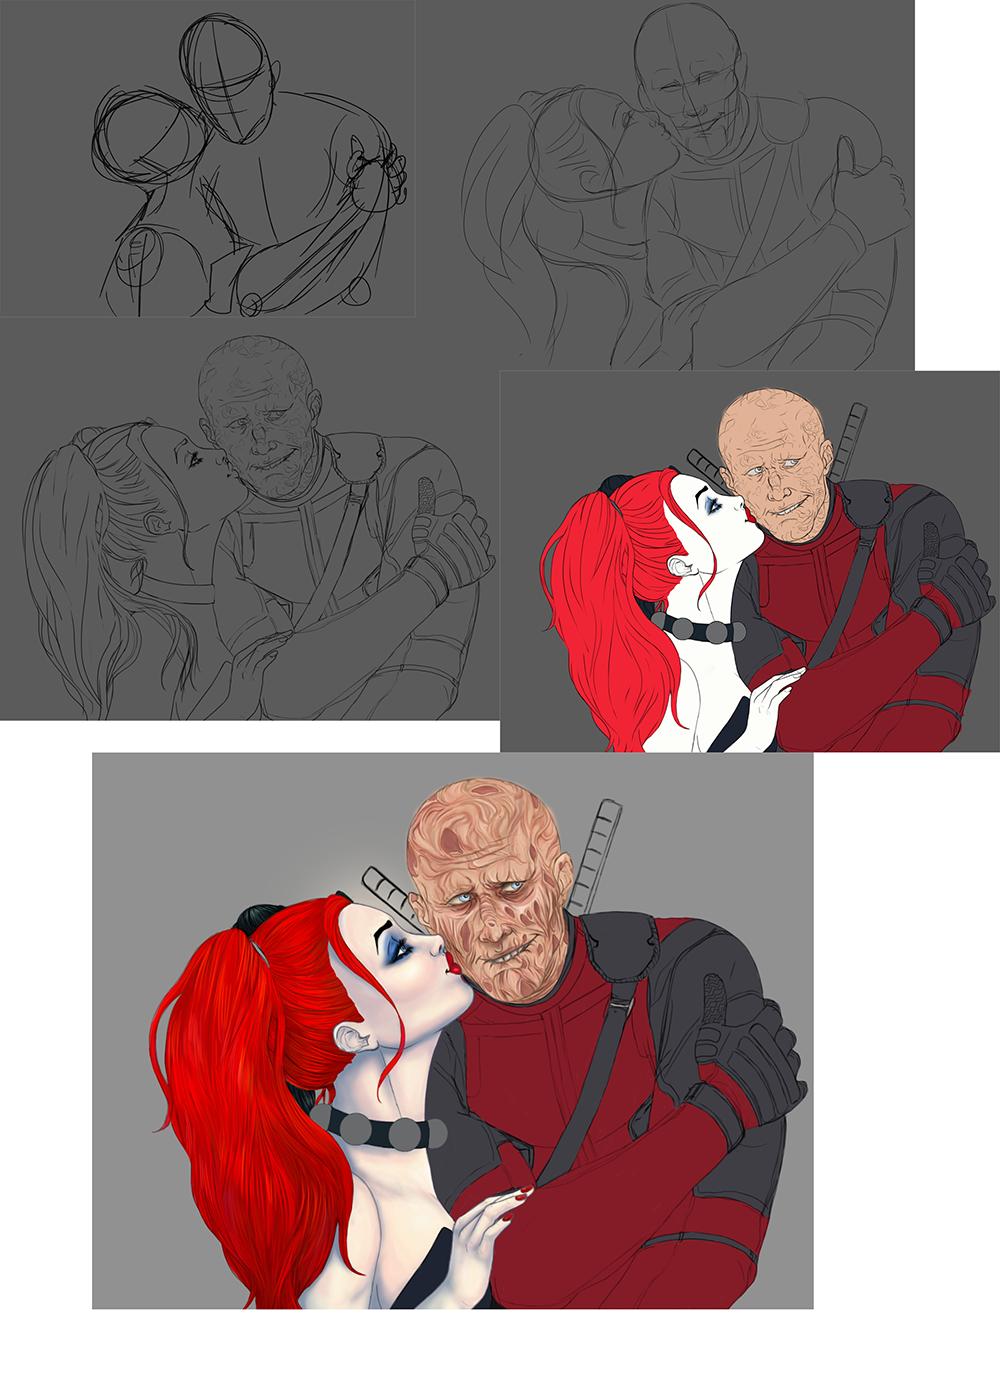 Work in progress...